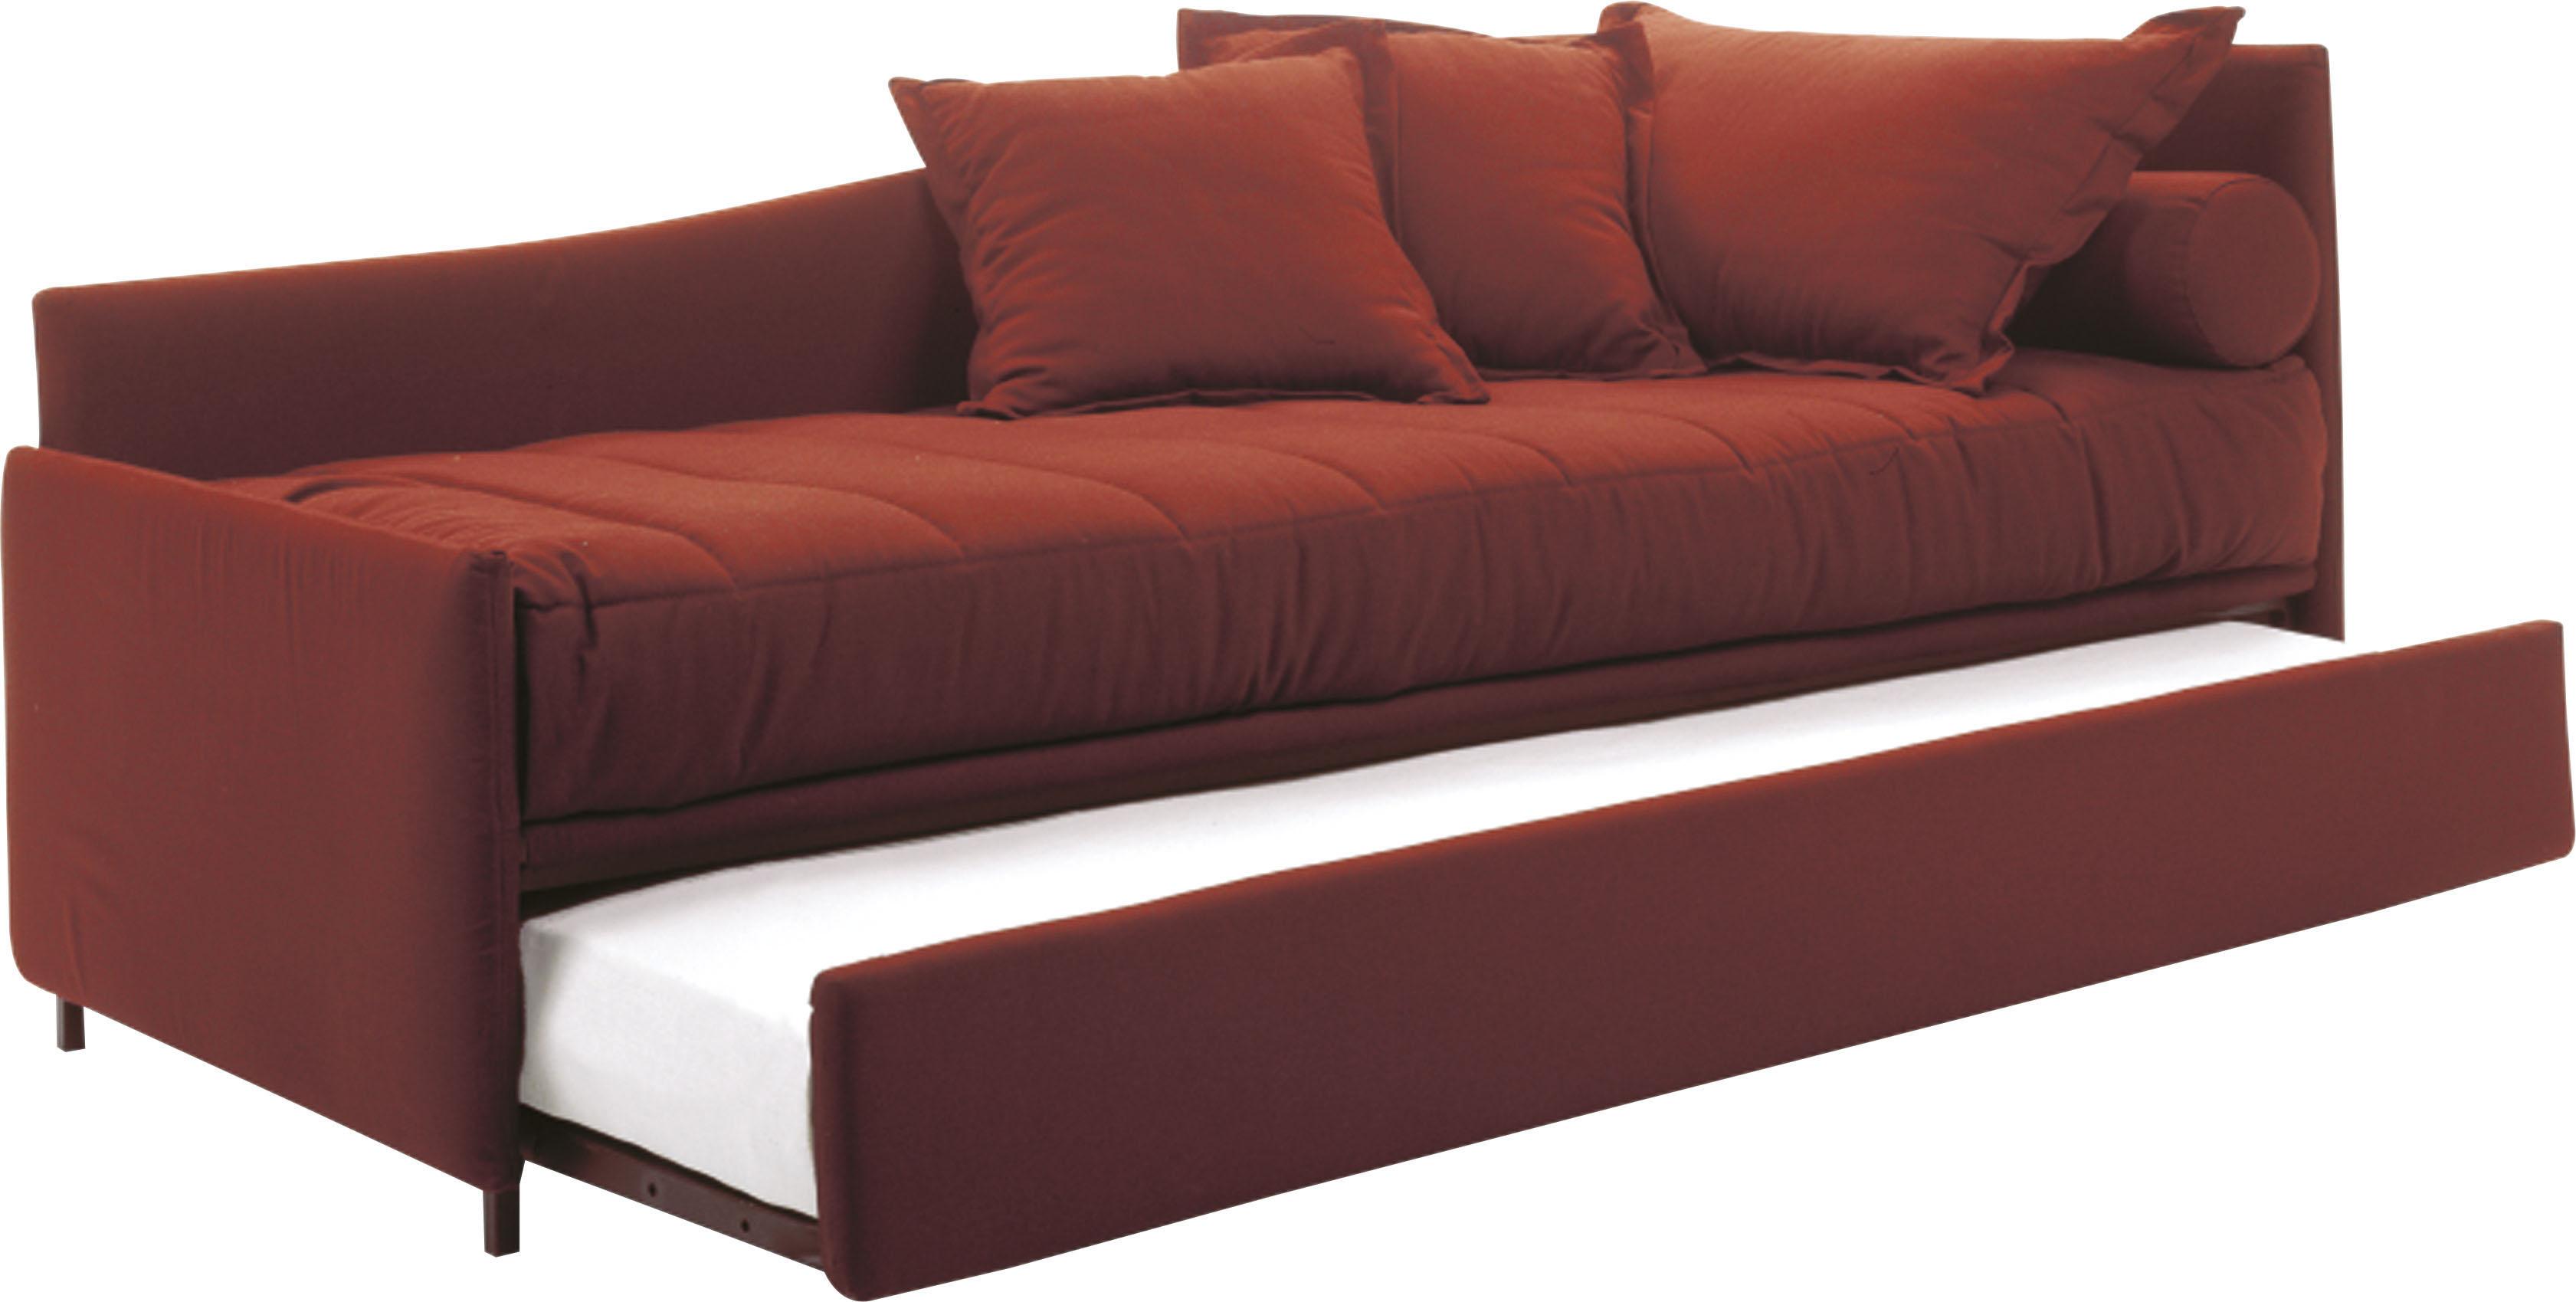 Prezzi divani mondo convenienza excellent fodere divani mondo convenienza divano letto posti - Mondo convenienza divani letto outlet ...